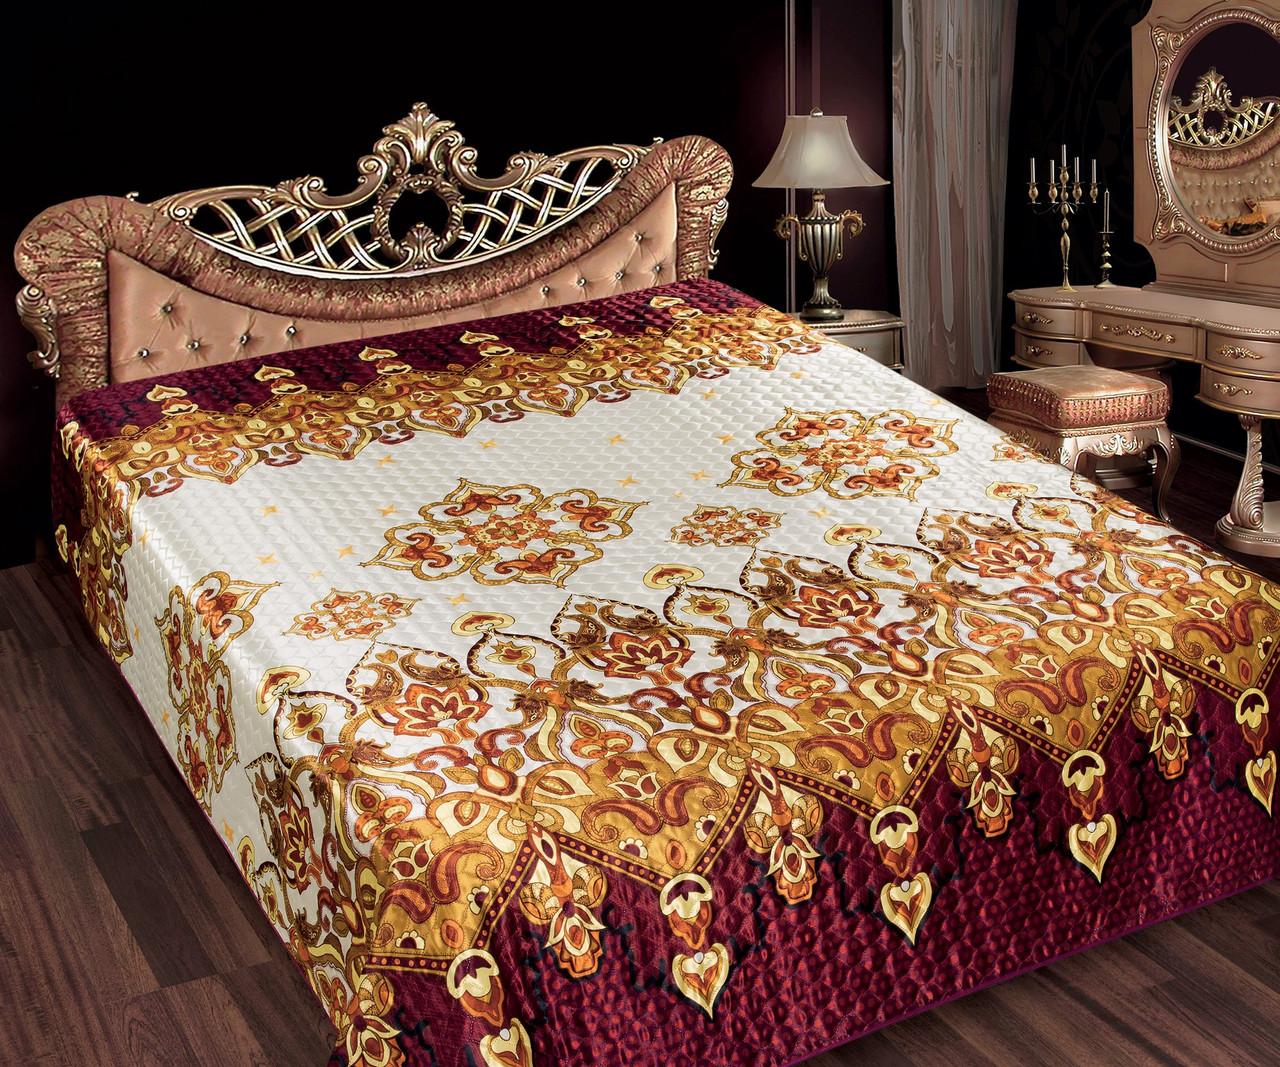 Шелк Gold 36 Янтарь Love You Покрывало 200*220